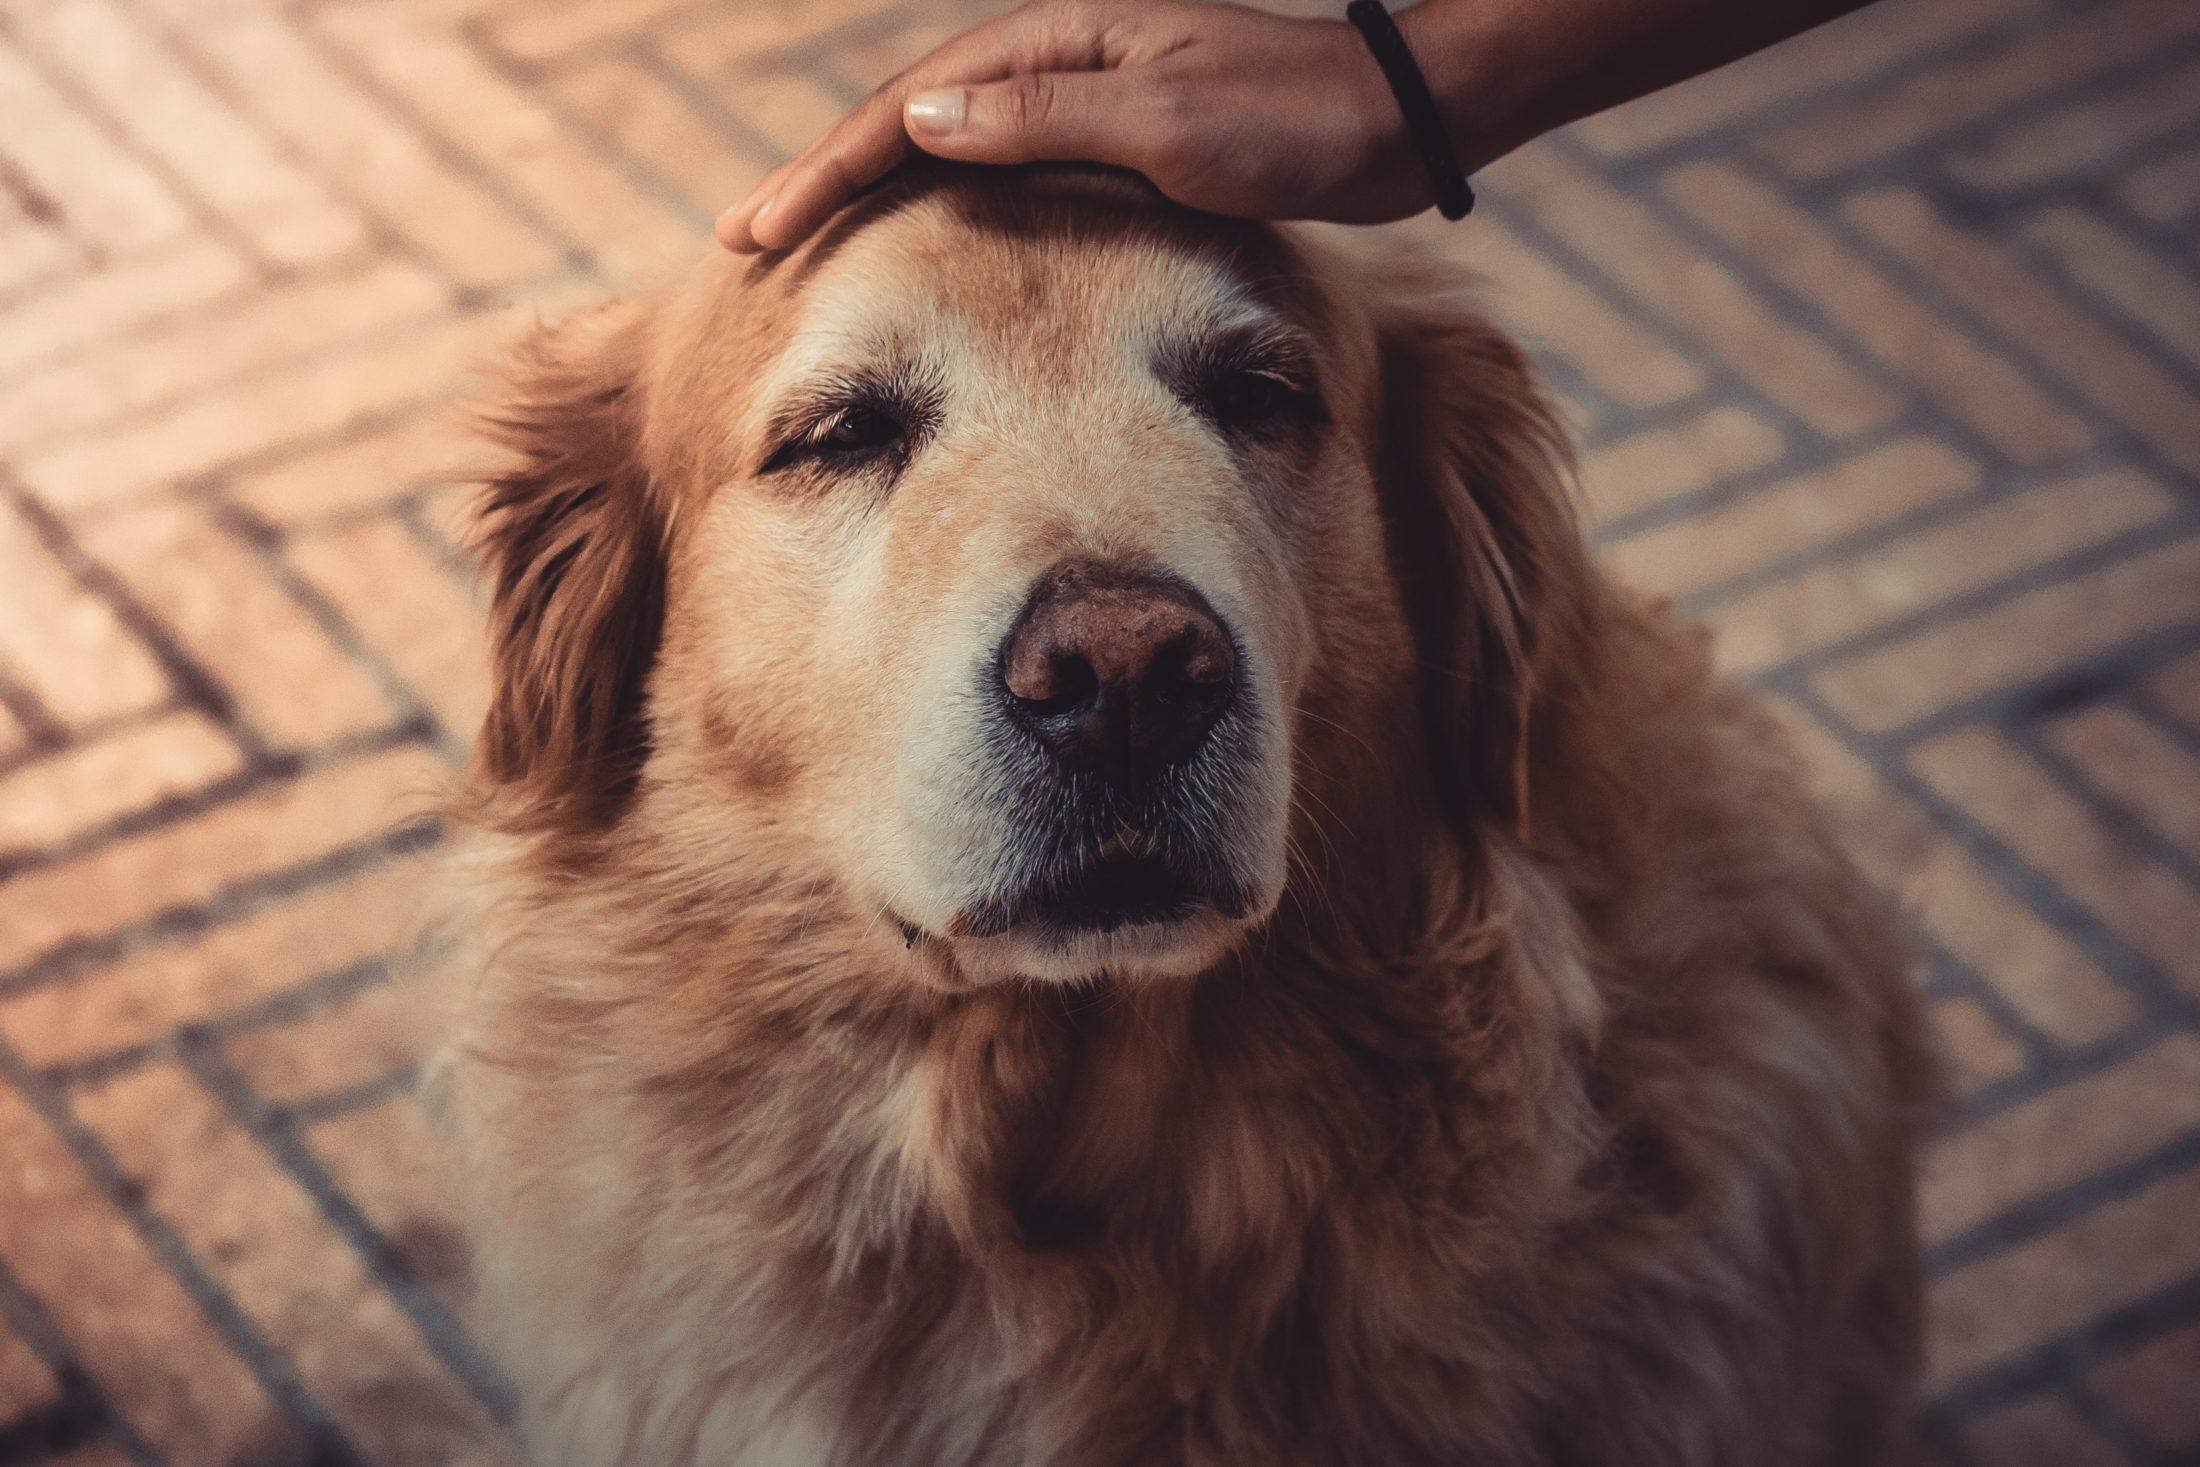 Adotar cachorro de abrigo com mais idade poder ser uma excelente companhia.